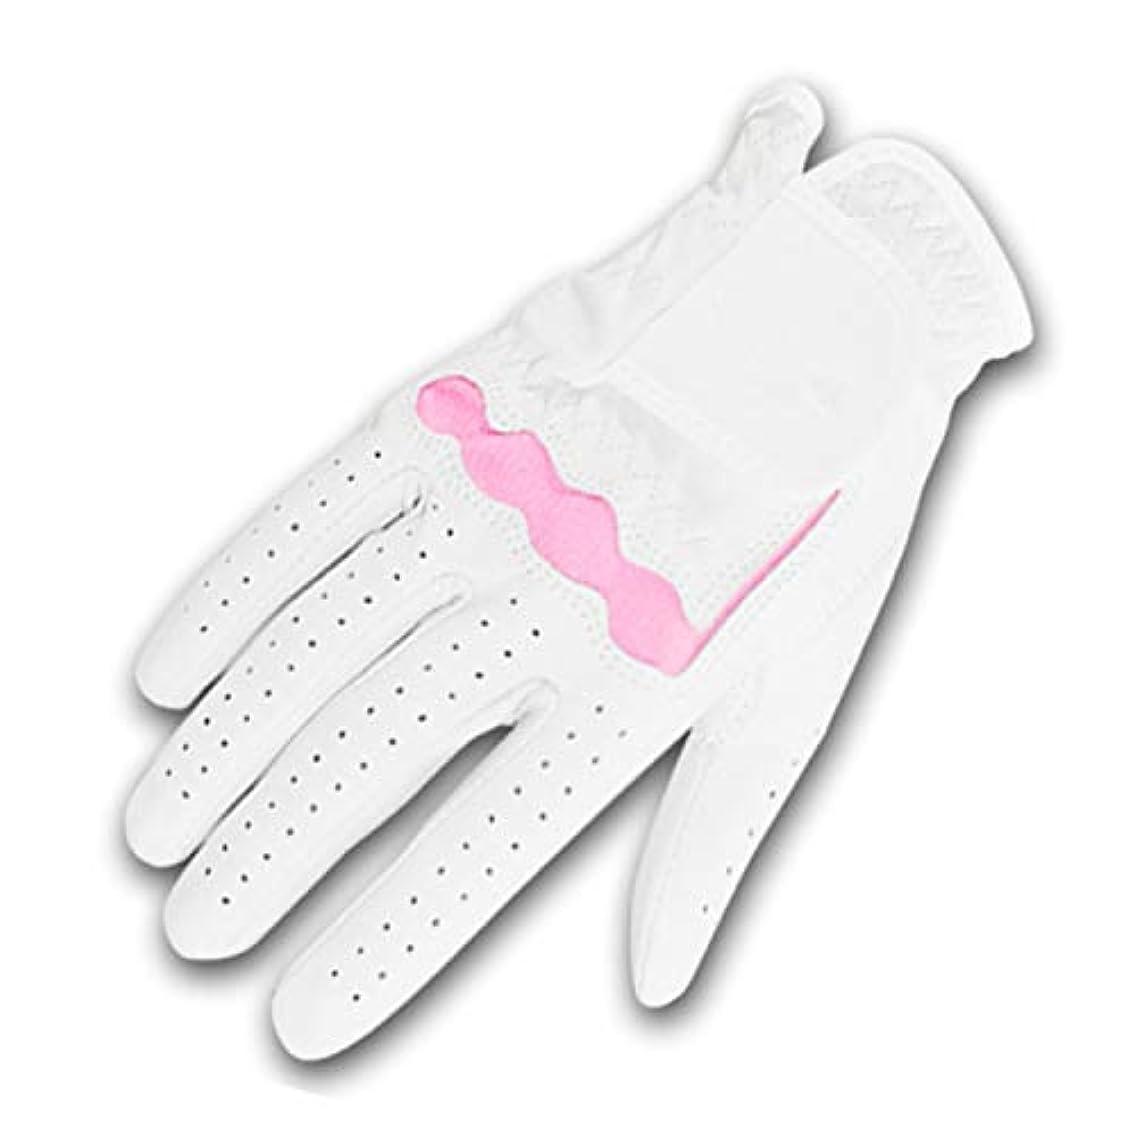 職業野ウサギせがむBAJIMI 手袋 グローブ レディース/メンズ ハンド ケア 女性用ゴルフグローブ滑り止めグローブで手を保護 裏起毛 おしゃれ 手触りが良い 運転 耐磨耗性 換気性